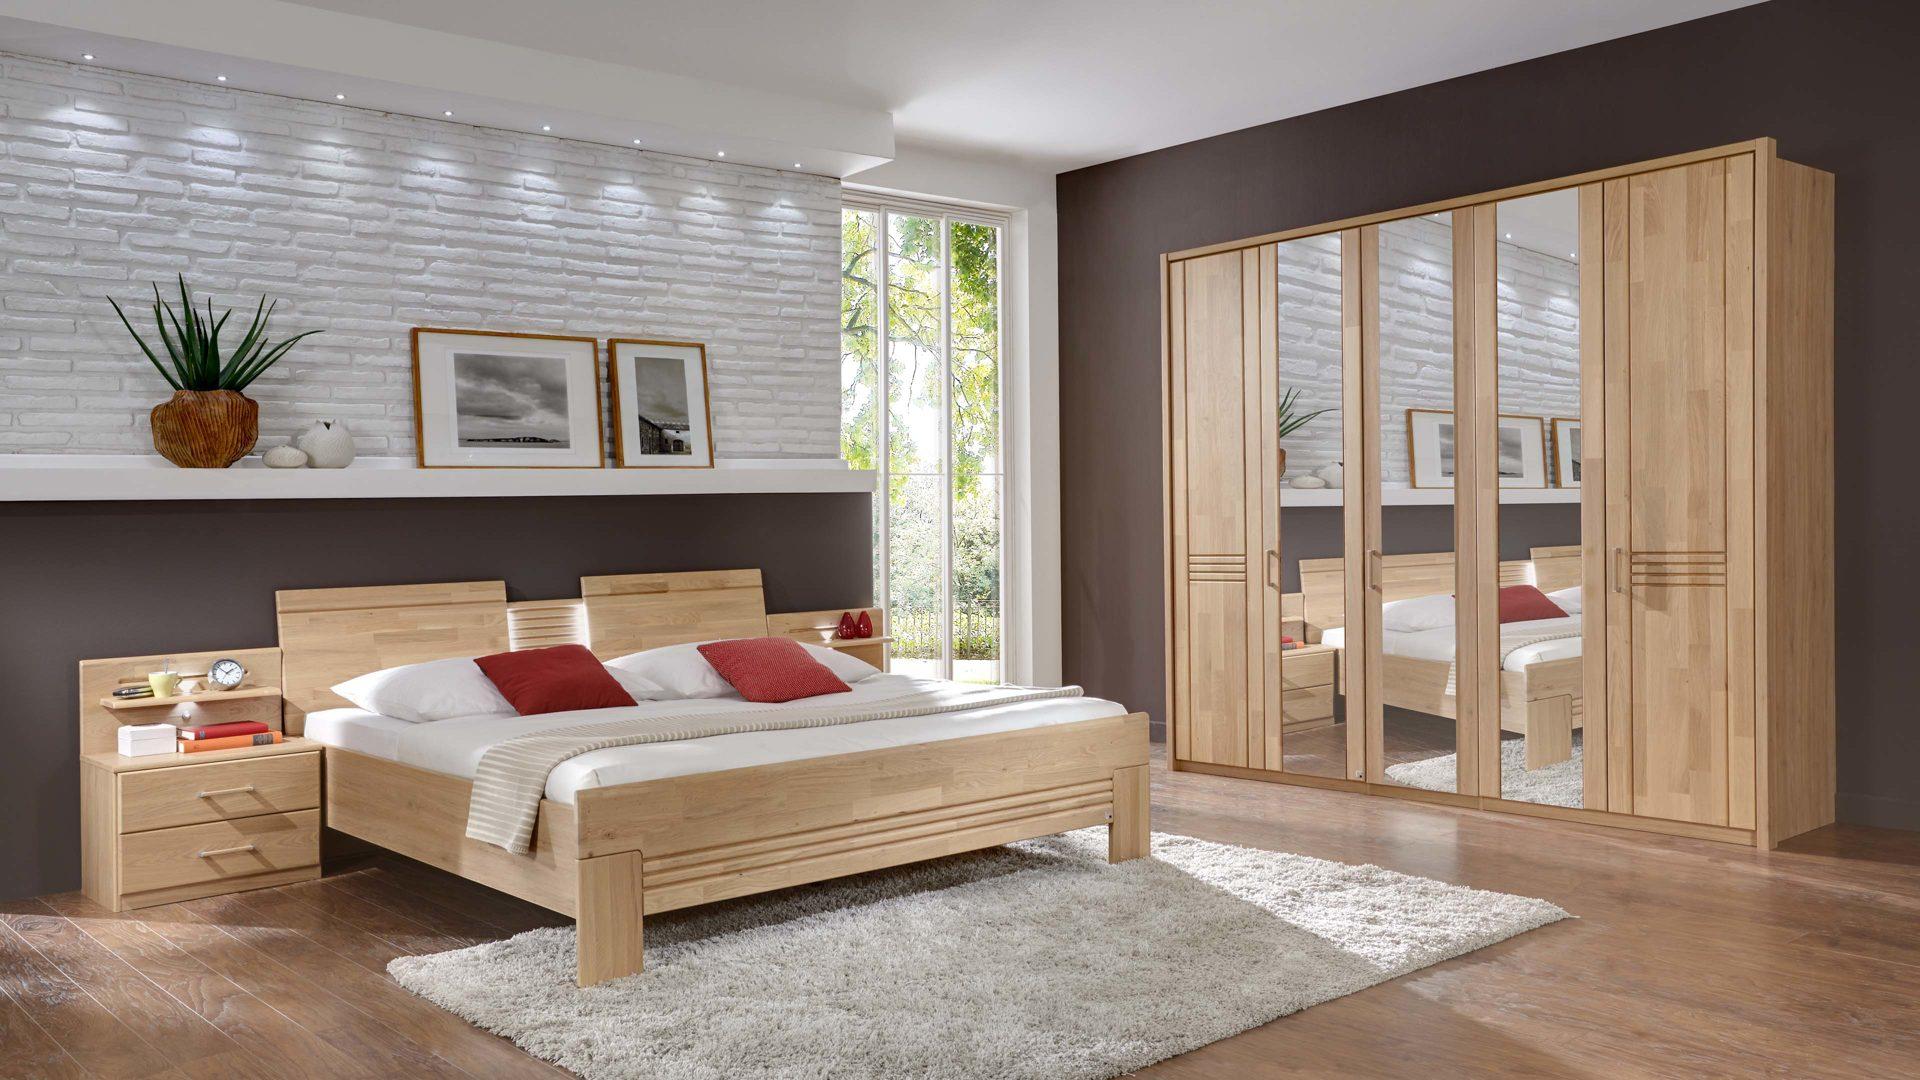 Hoffmann Möbel Guben, Schlafzimmer mit Kleiderschrank und Doppelbett ...